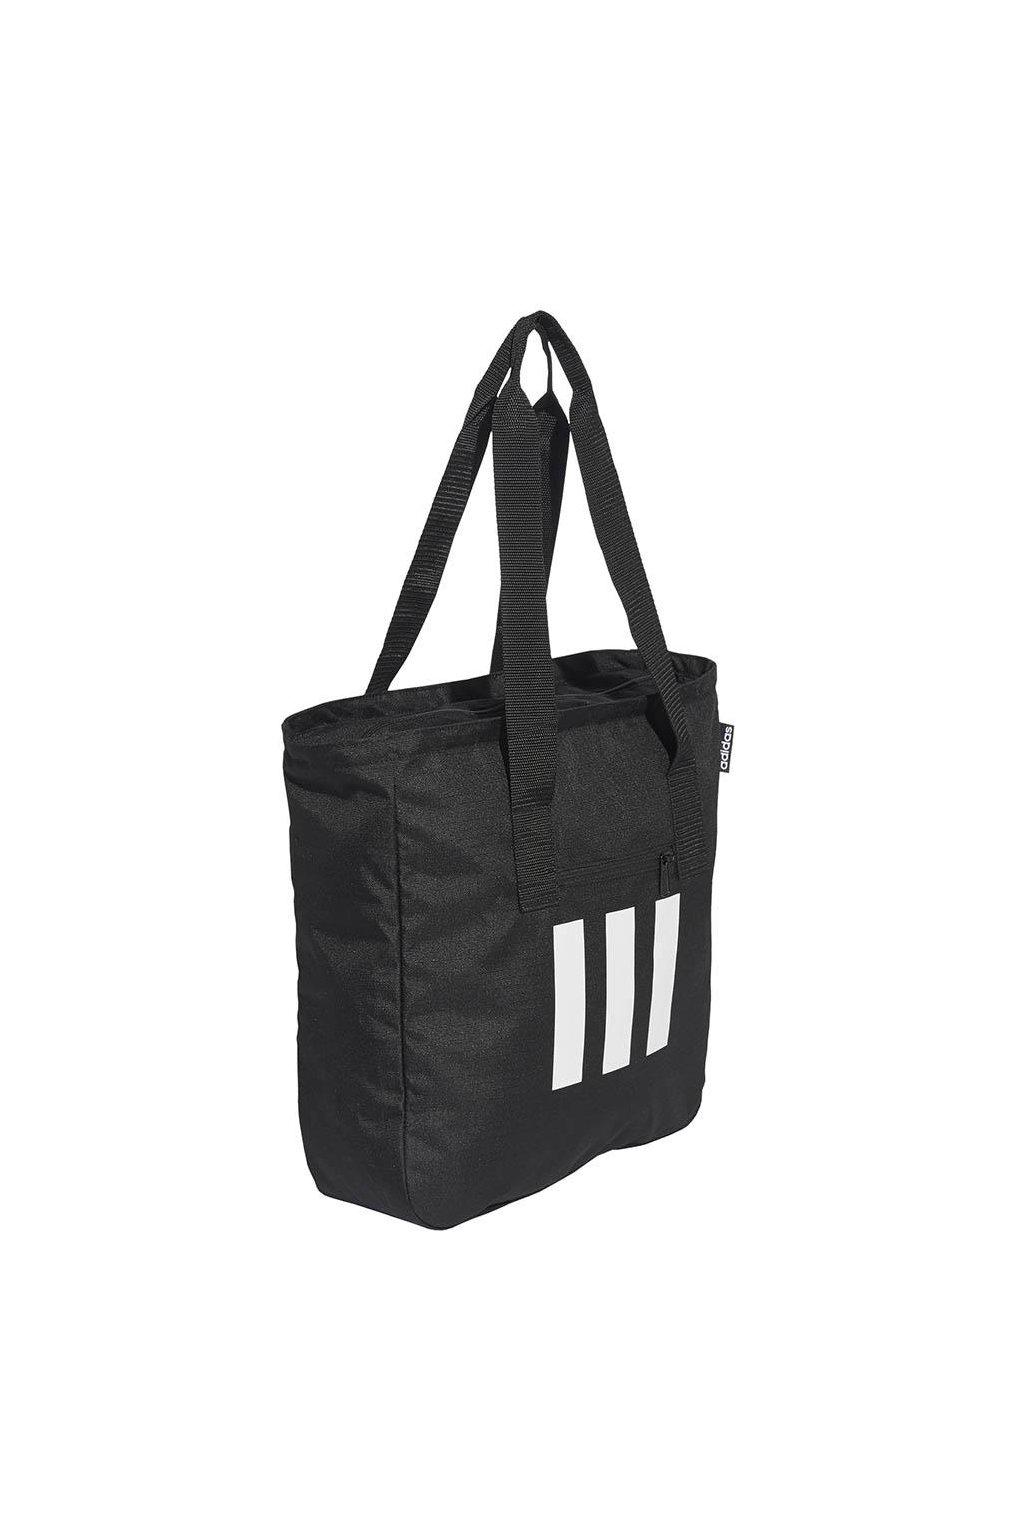 Taška adidas 3 Stripes Tote W čierna GE1232